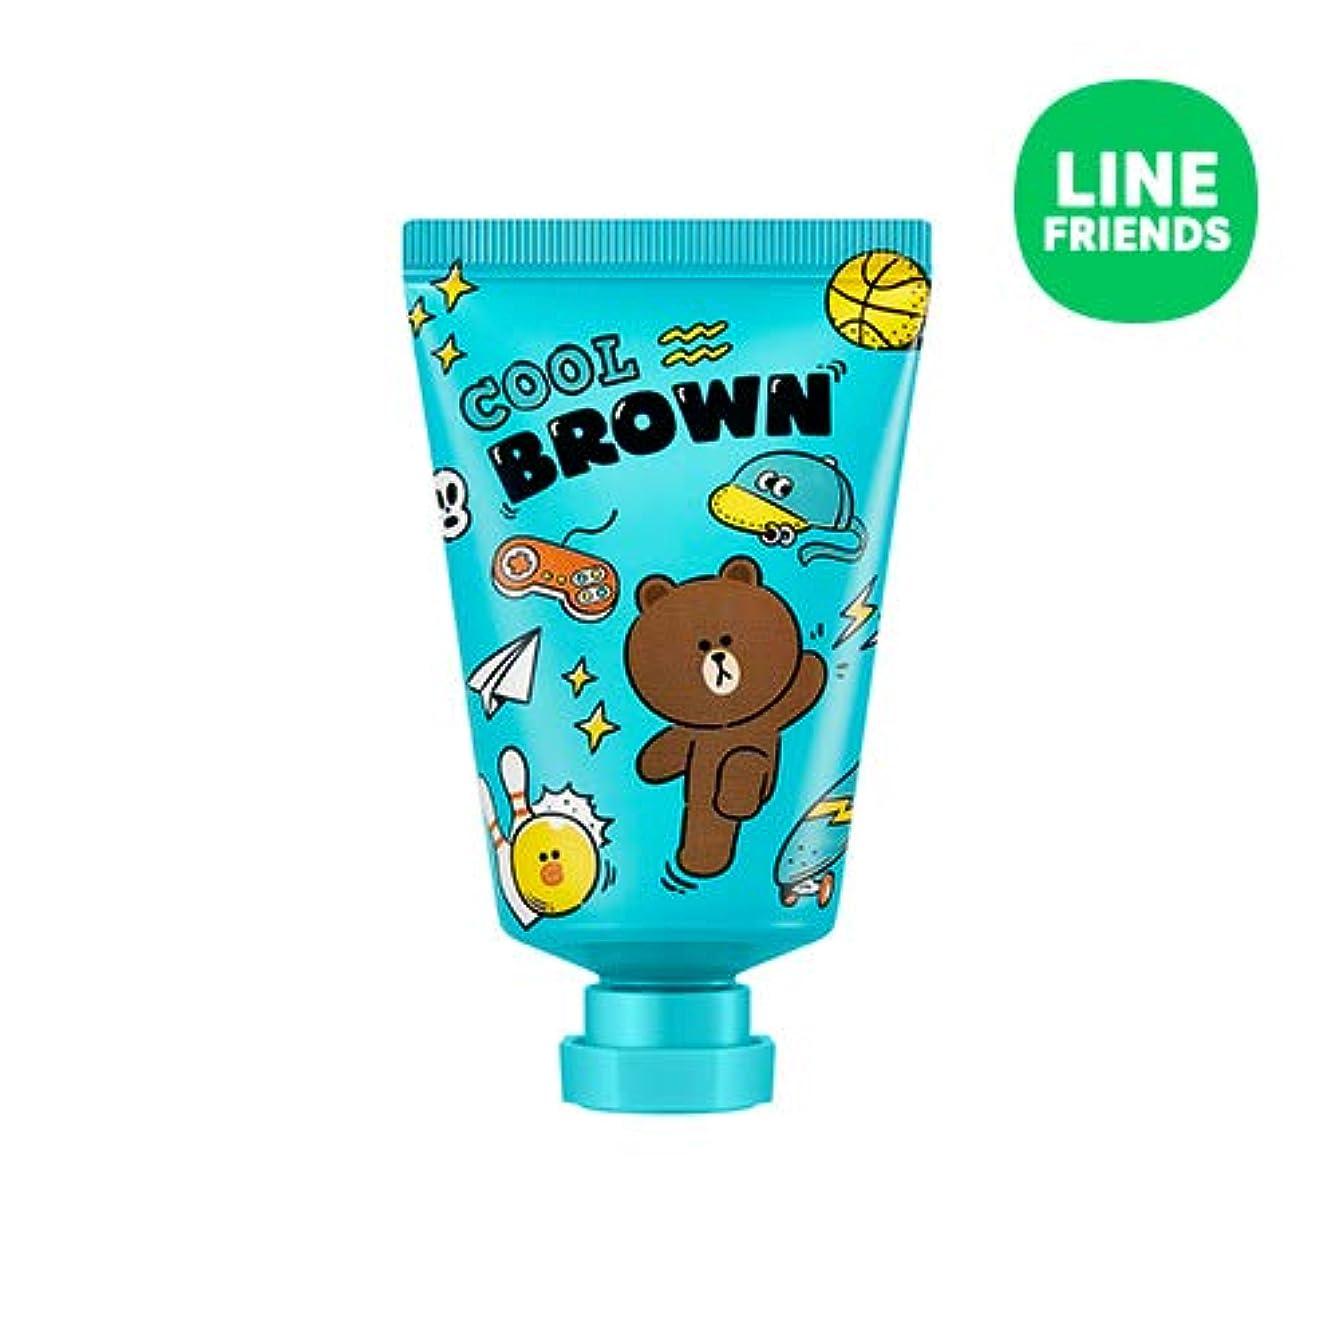 行商人入場料冷酷なミシャ(ラインフレンズ)ラブシークレットハンドクリーム 30ml MISSHA [Line Friends Edition] Love Secret Hand Cream - Brown # Grapefruit [並行輸入品]